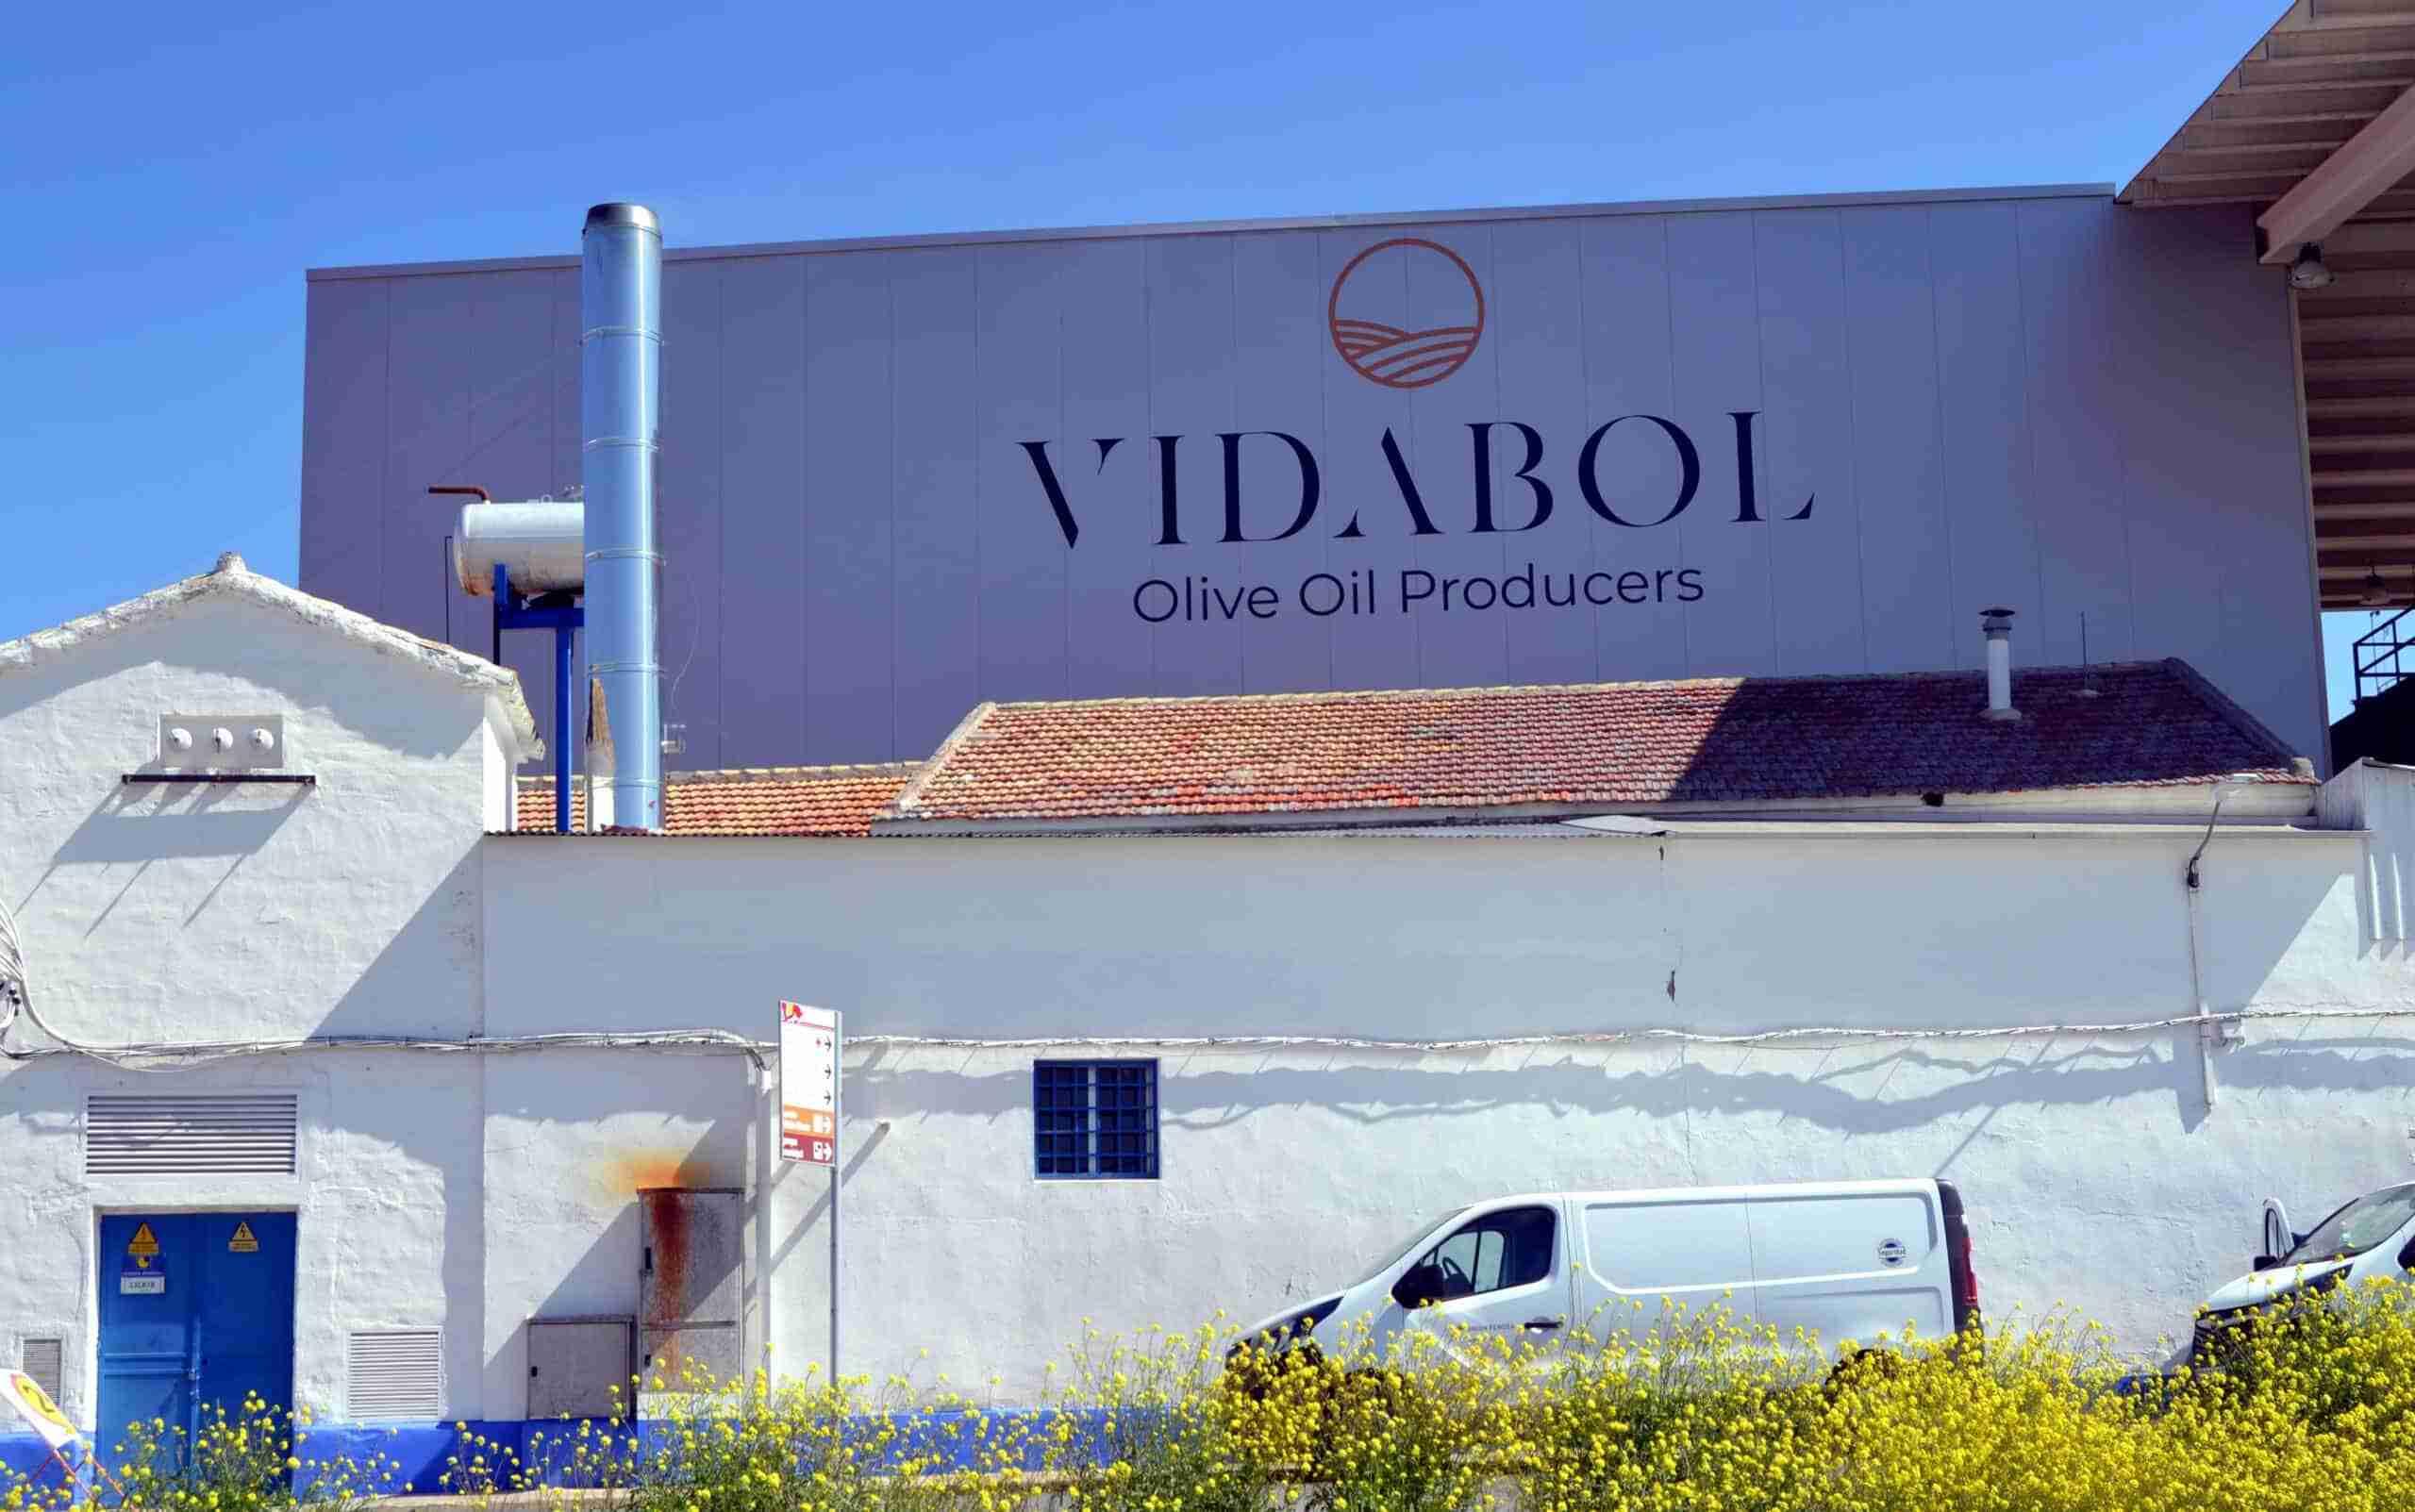 El Grupo Oleo Vidabol celebra su segundo aniversario con nuevos proyectos y una apuesta por la economía sostenible 5